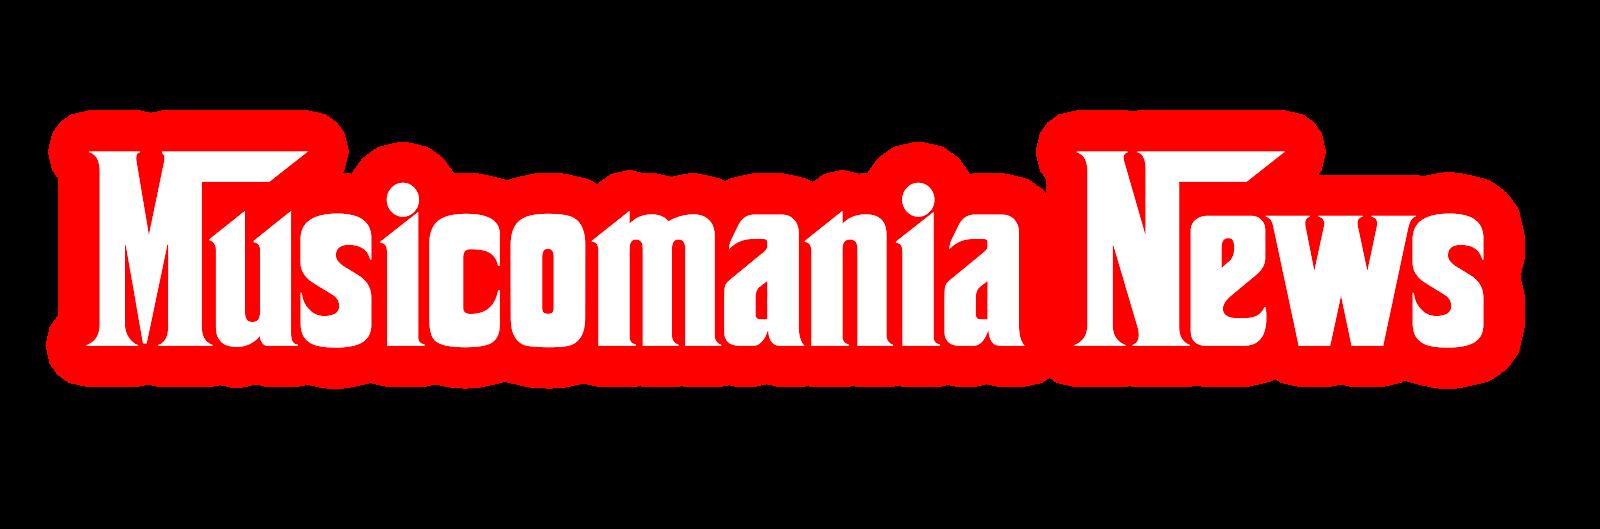 Musicomania News | Esteja Actualizado